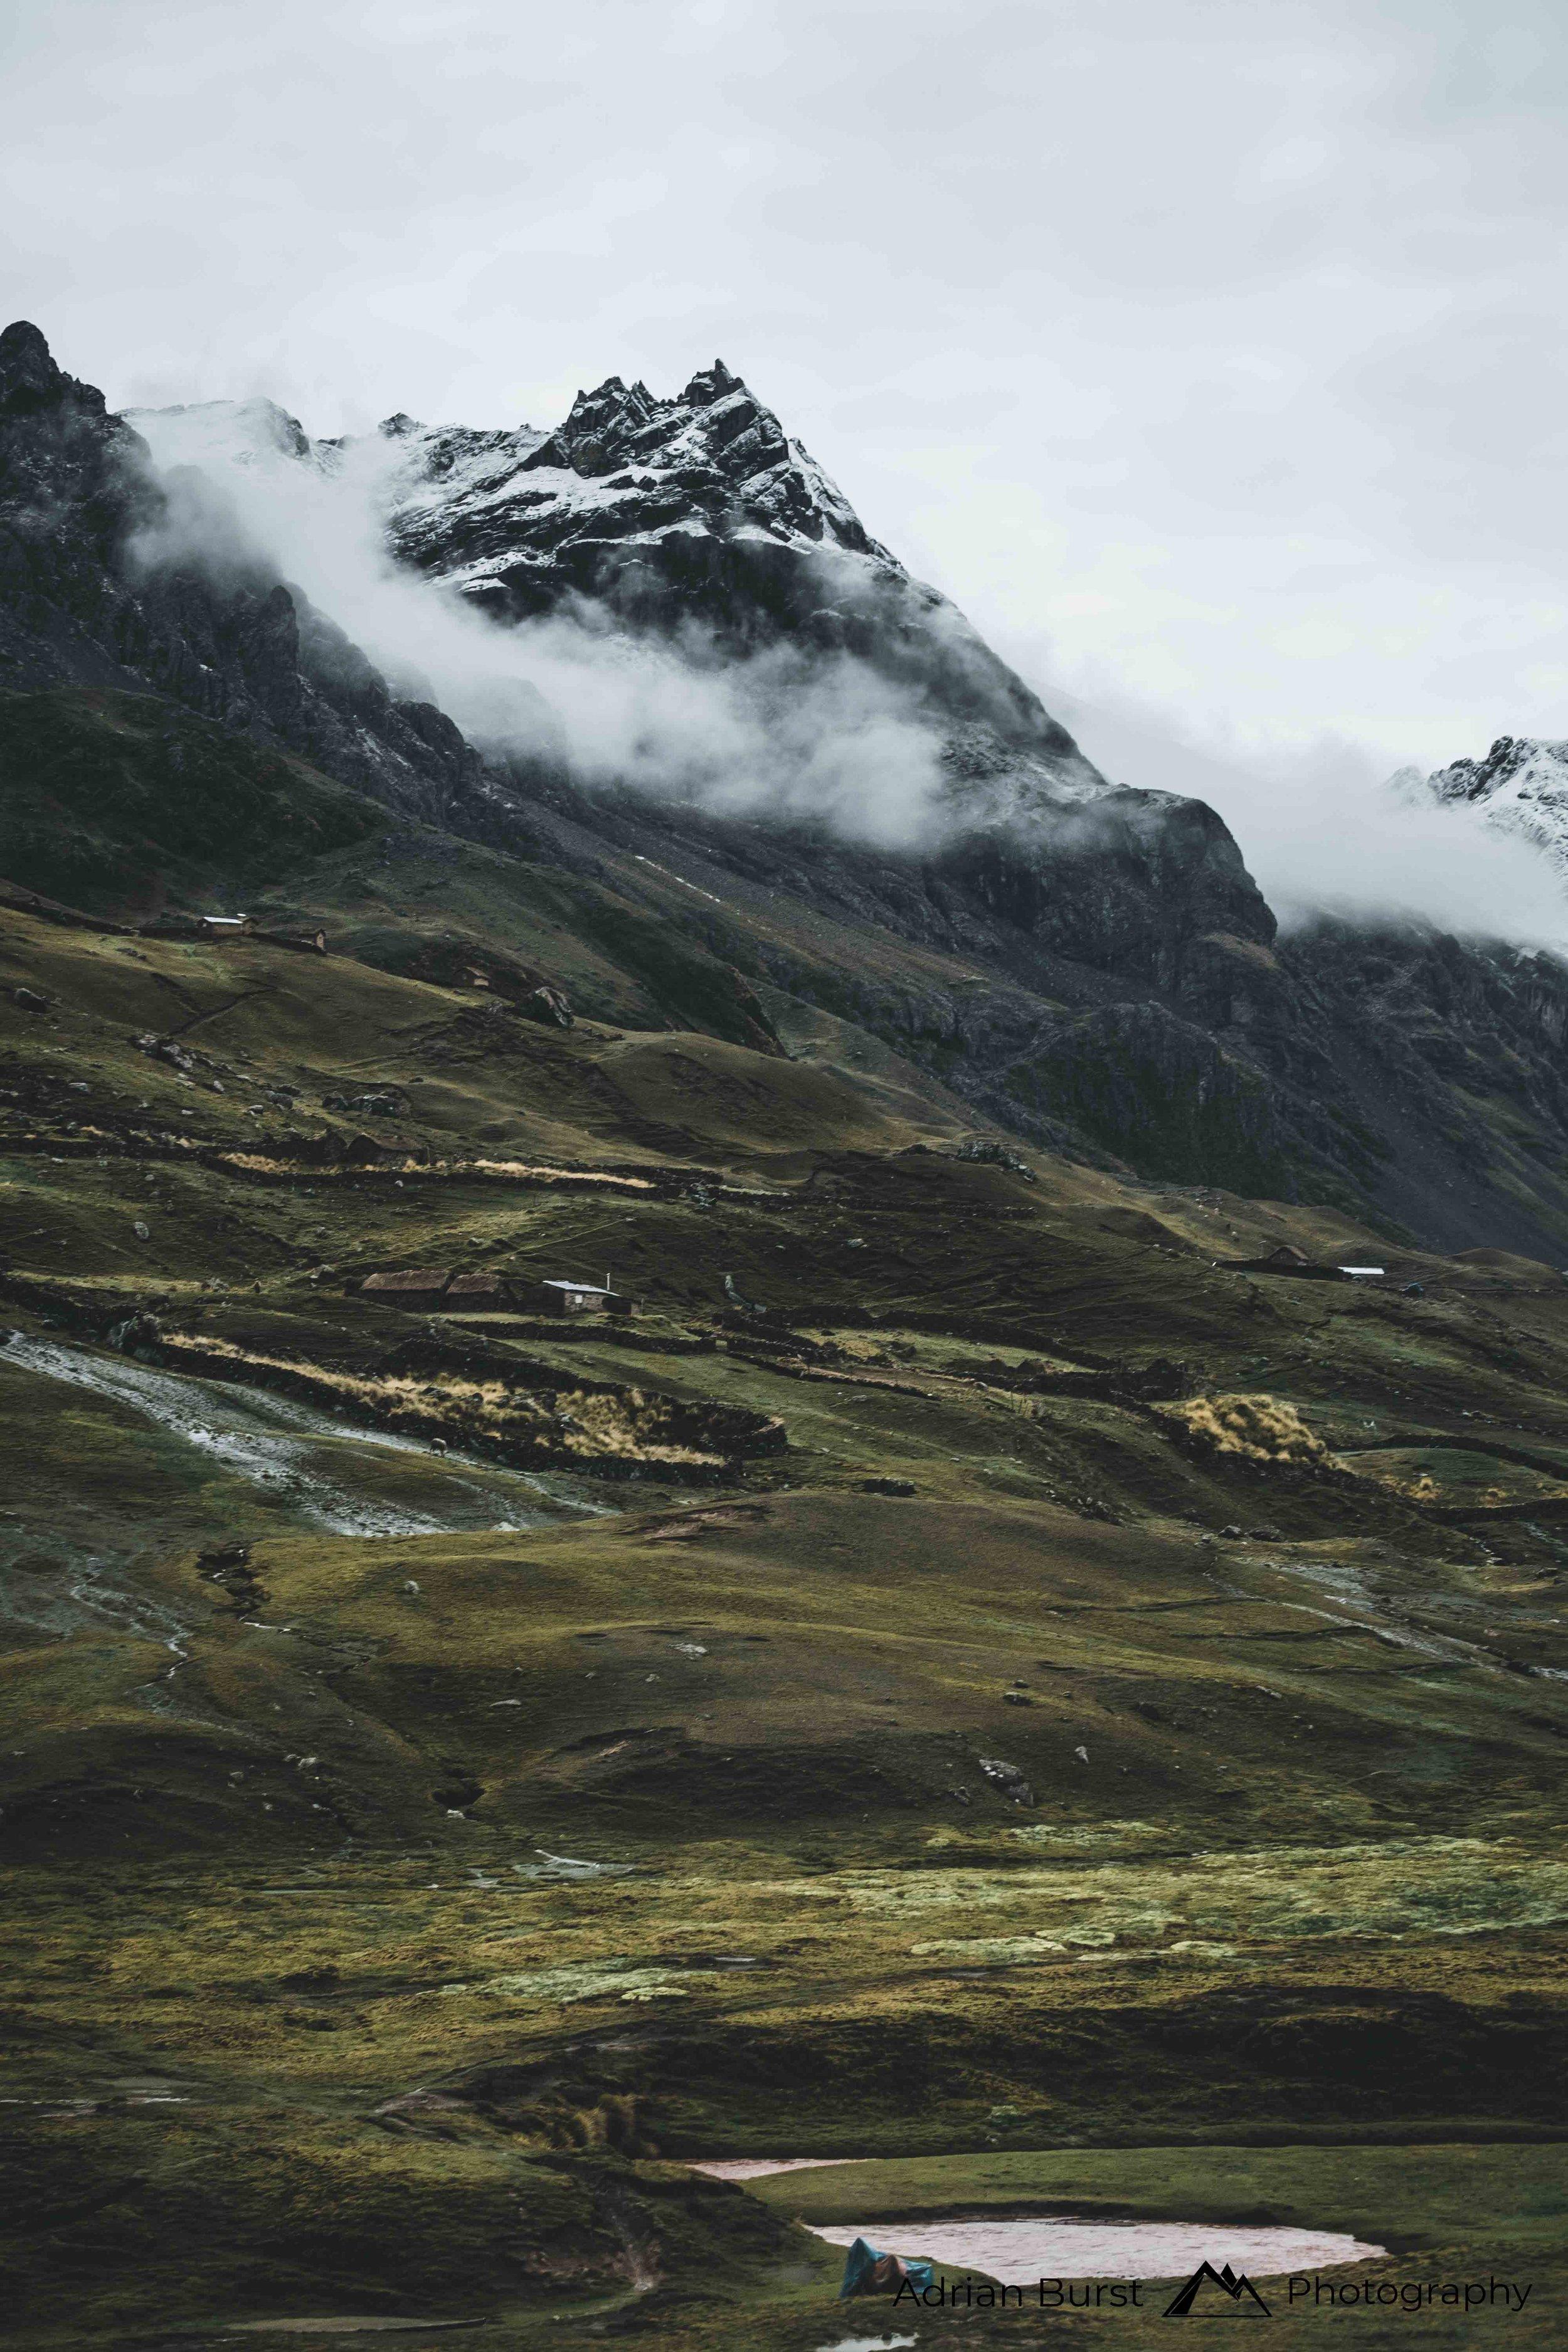 15 | Pucamayu valley, Quispicanchi